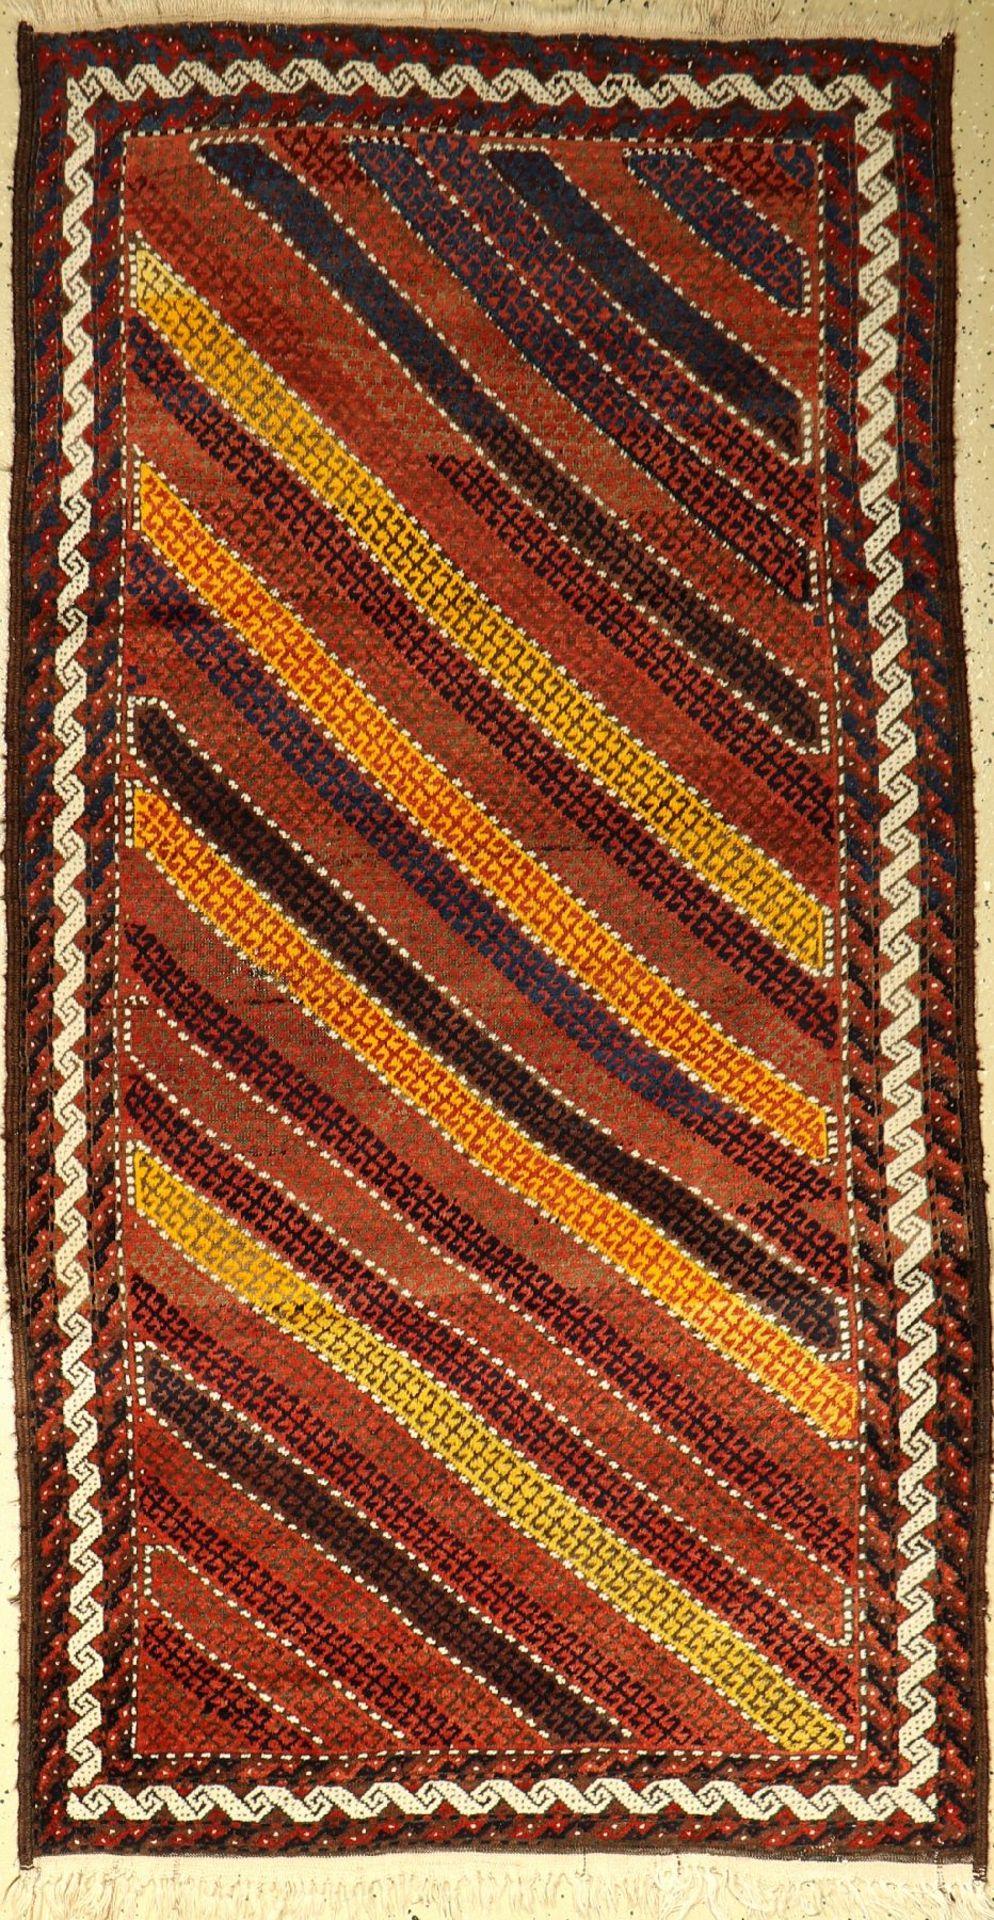 Seltener Streifen Belutsch, alt, Persien, um 1940, Wolle auf Wolle, ca. 187 x 99 cm, dekorativ, EHZ: